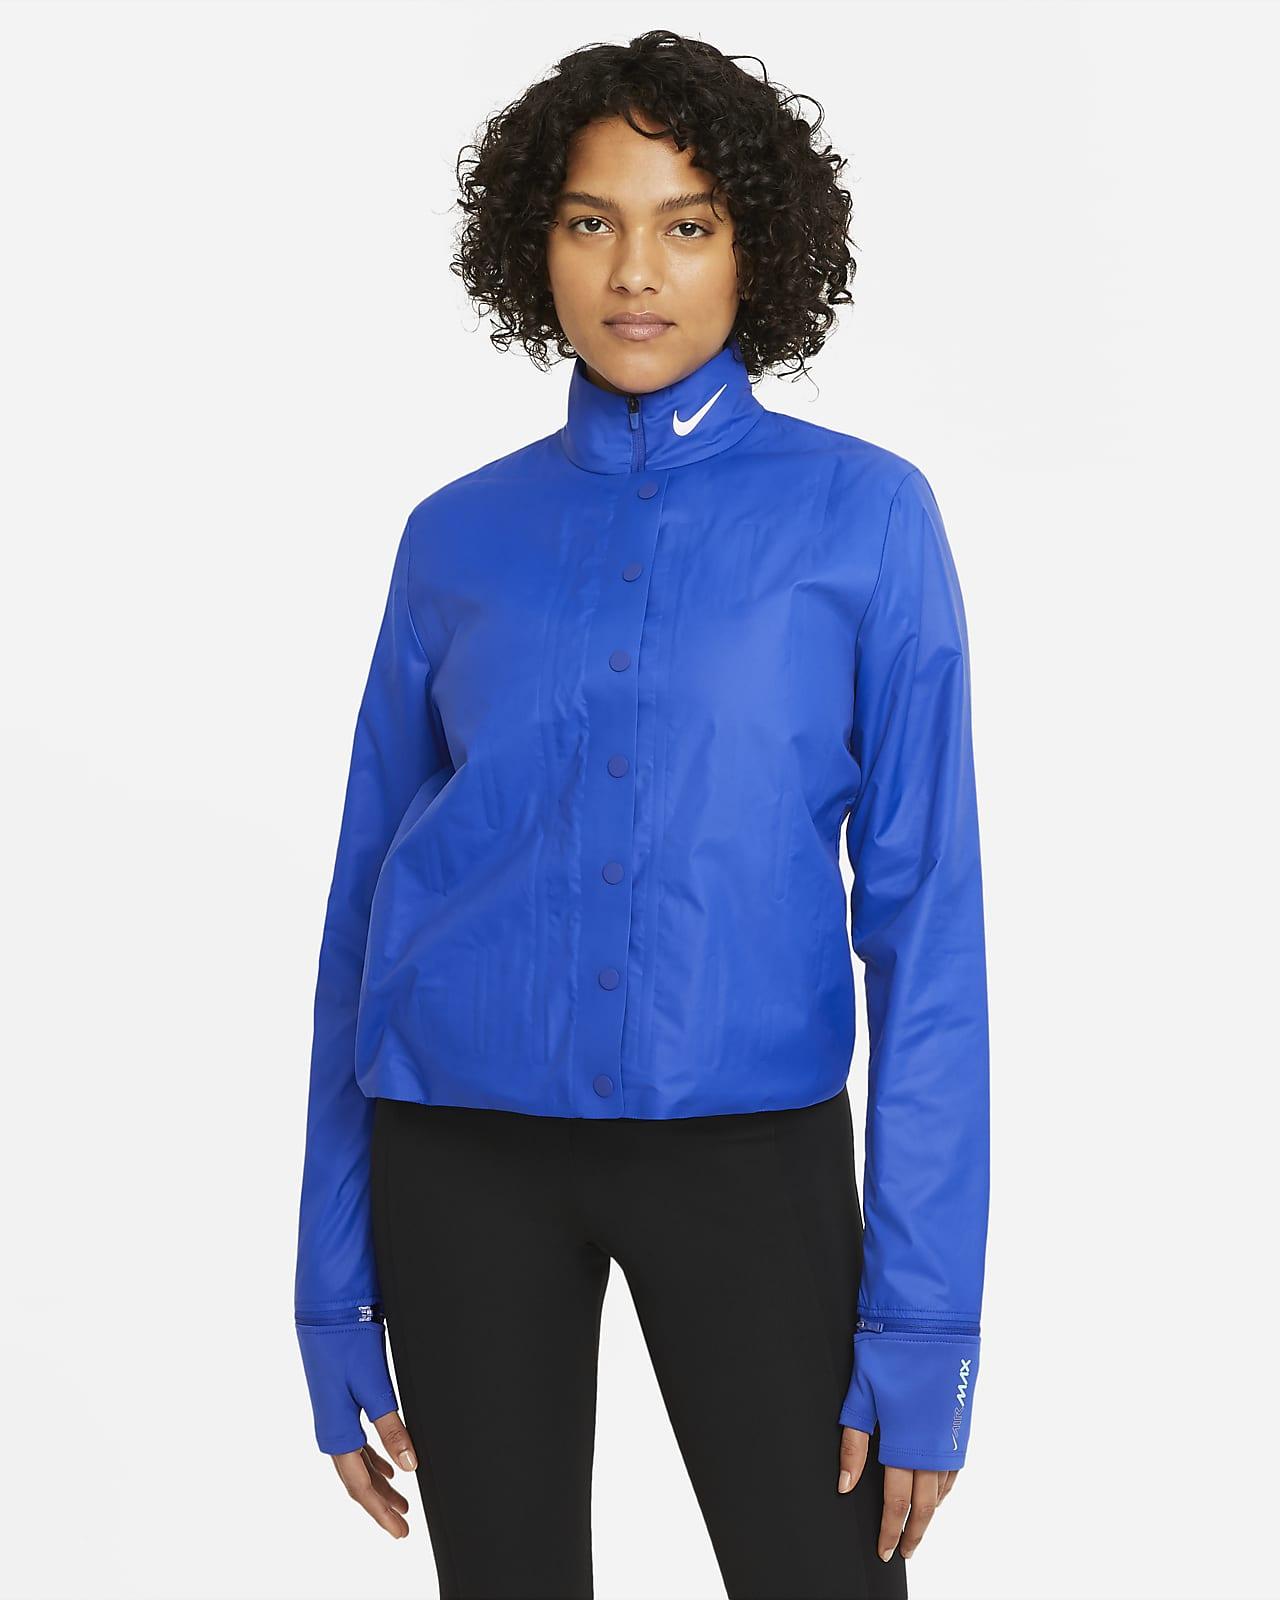 Nike Sportswear Women's Inflatable Jacket